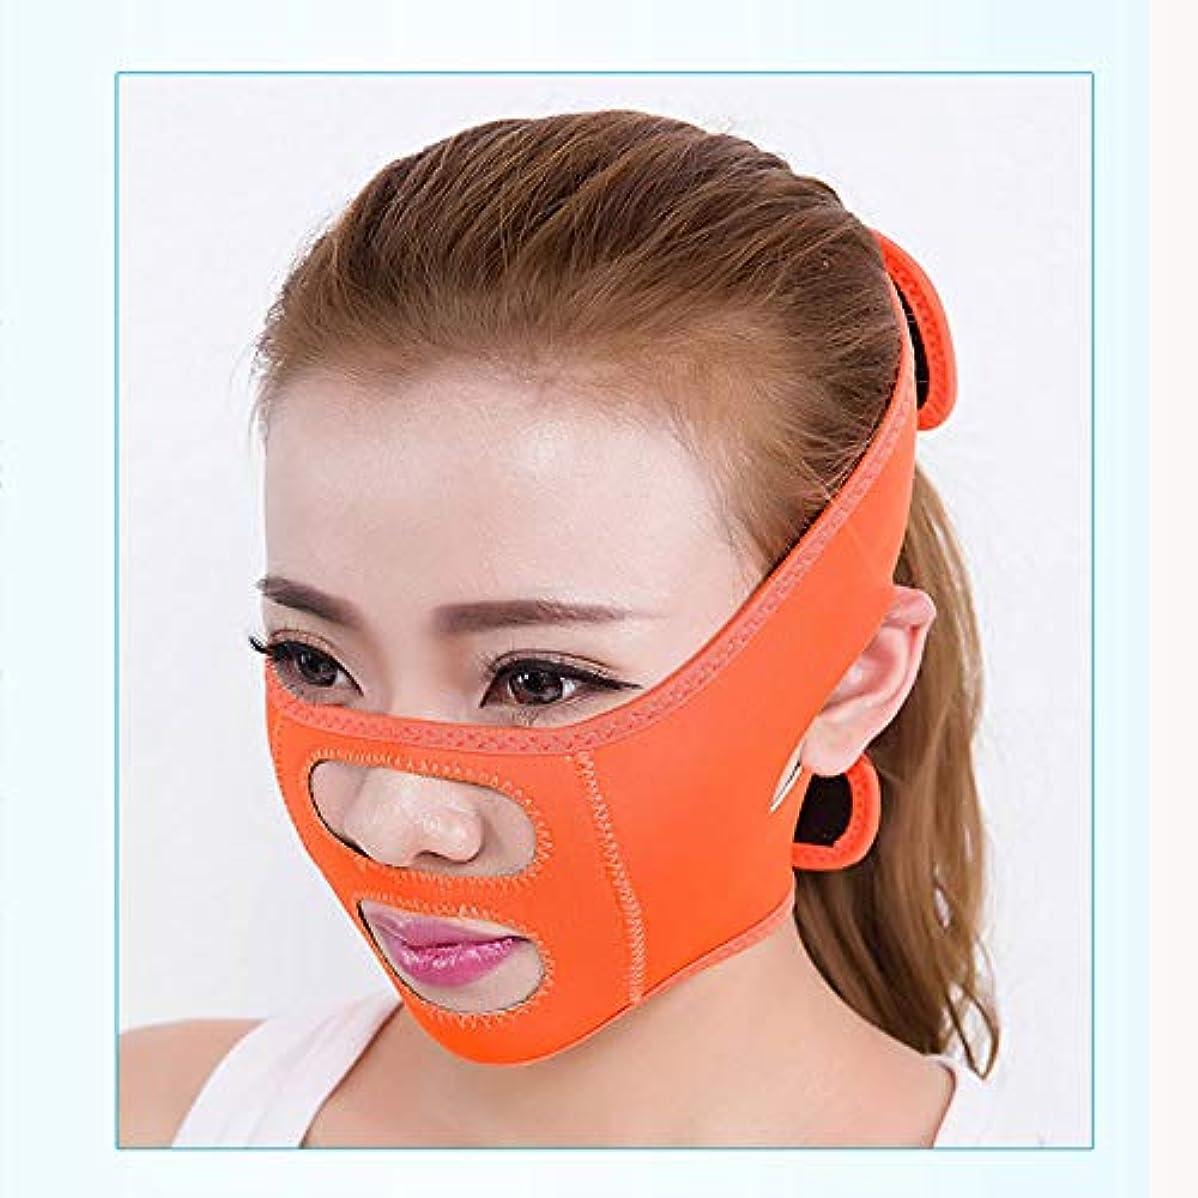 テーマ批評検索エンジンマーケティングスモールVフェイス睡眠薄い顔ベルト、引き締めと薄い顔の強力な持ち上がる二重あご顔修正包帯,Orange